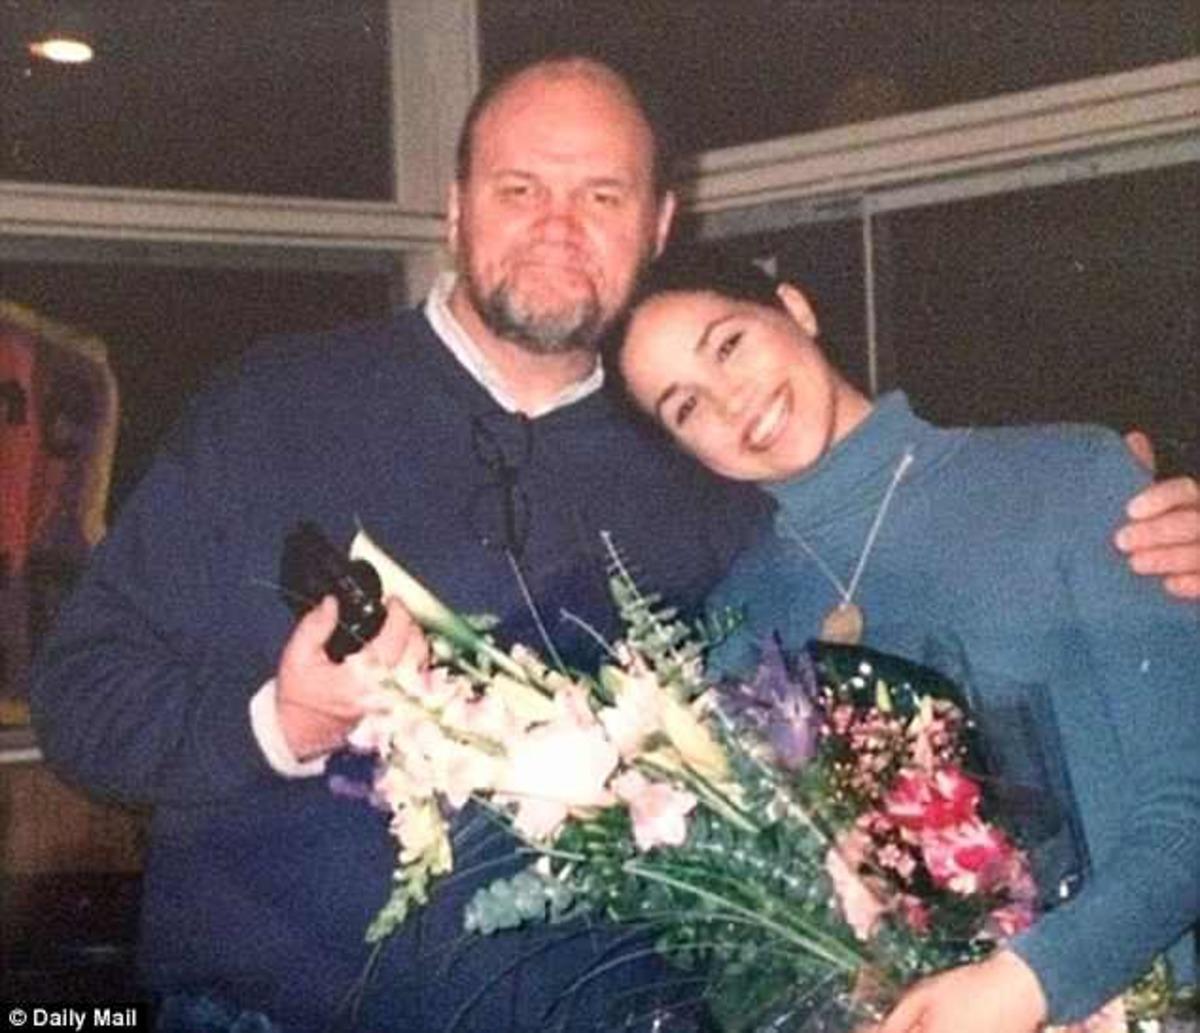 Μέγκαν Μαρκλ: Επανεμφανίστηκε ο πατέρας της μετά τον γάμο… που είδε στην τηλεόραση